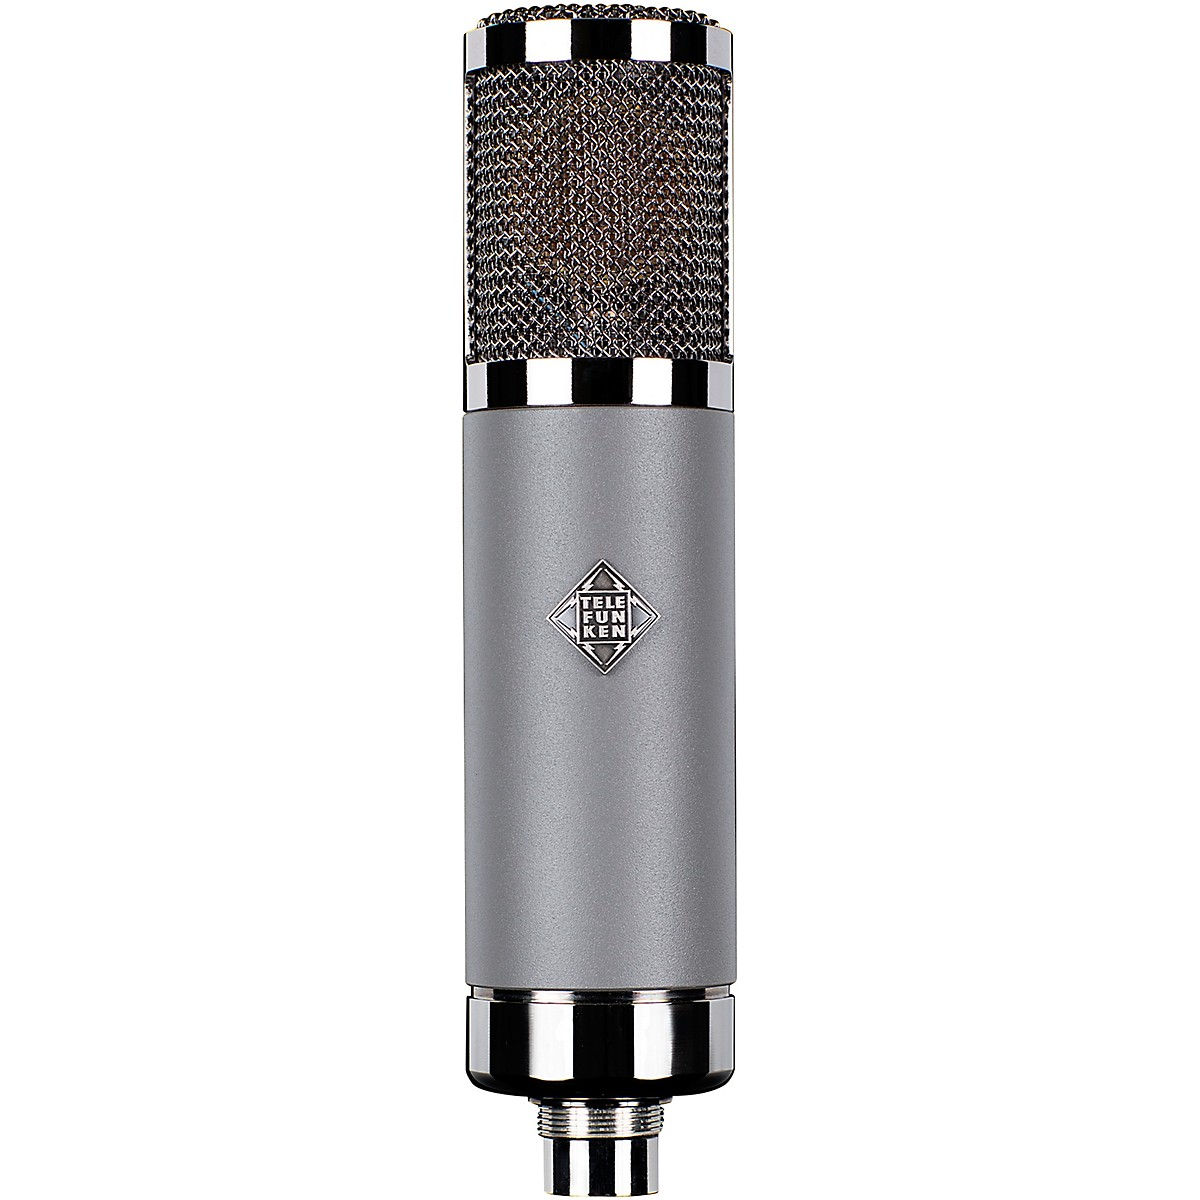 Telefunken TF51 Tube Microphone